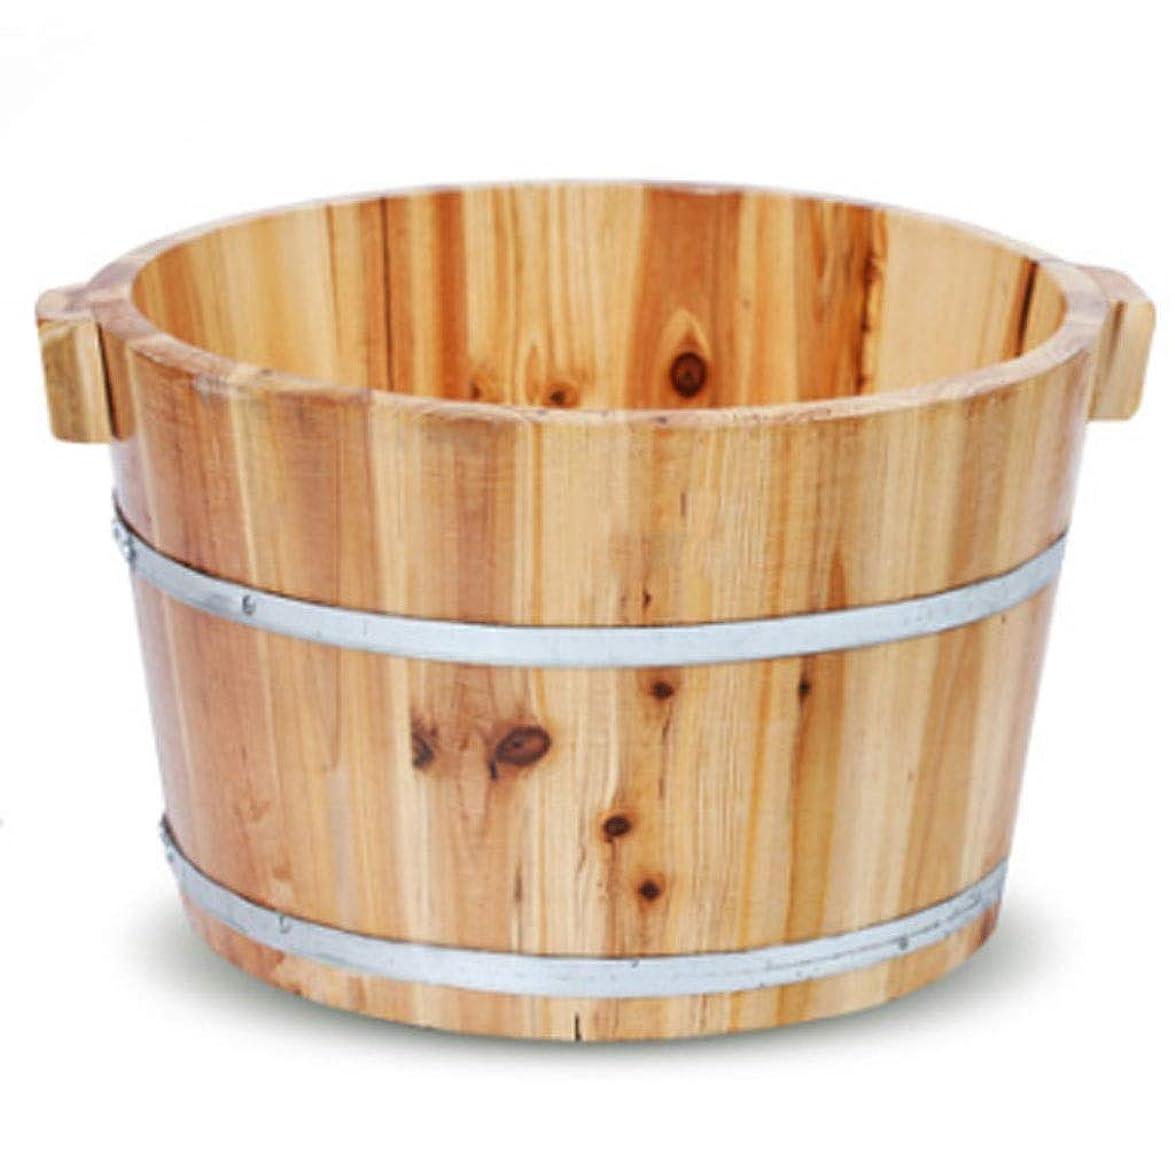 ゴールデン百科事典空港マッサージクッション 香りのよいモミの足浴槽のバレル 24CMのフィートの浴槽 家の肥厚の足浴槽のバレル 足のマッサージ 疲労を除去し 質を改善しなさい睡眠 家族のギフト (Color : Wood color, Size : 36x24cm)